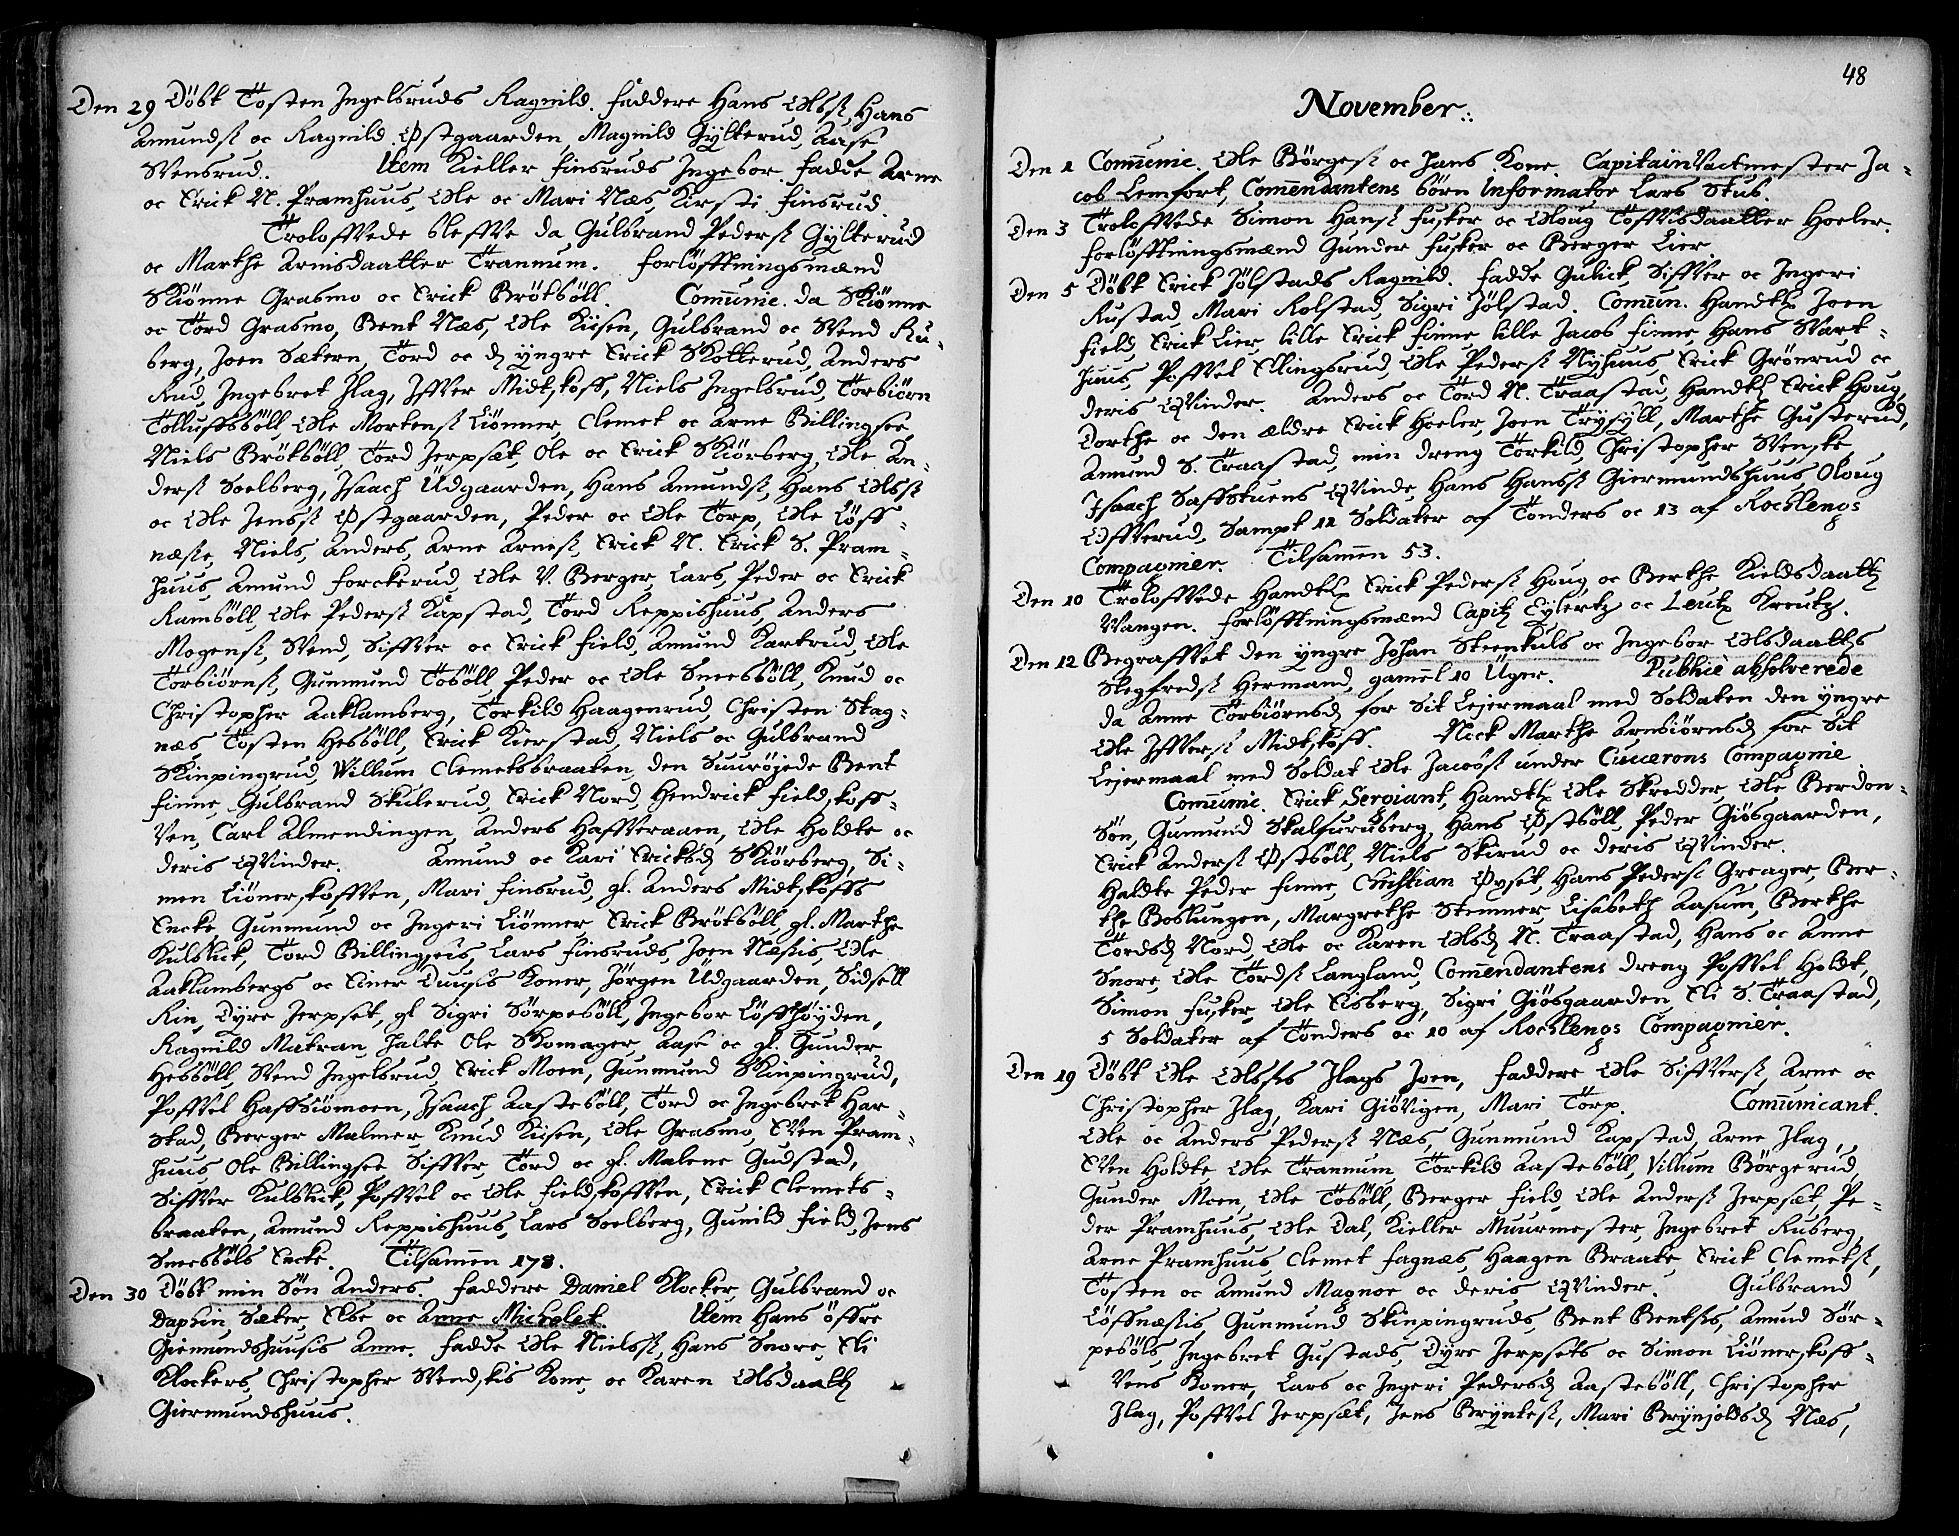 SAH, Vinger prestekontor, Ministerialbok nr. 1, 1689-1729, s. 48